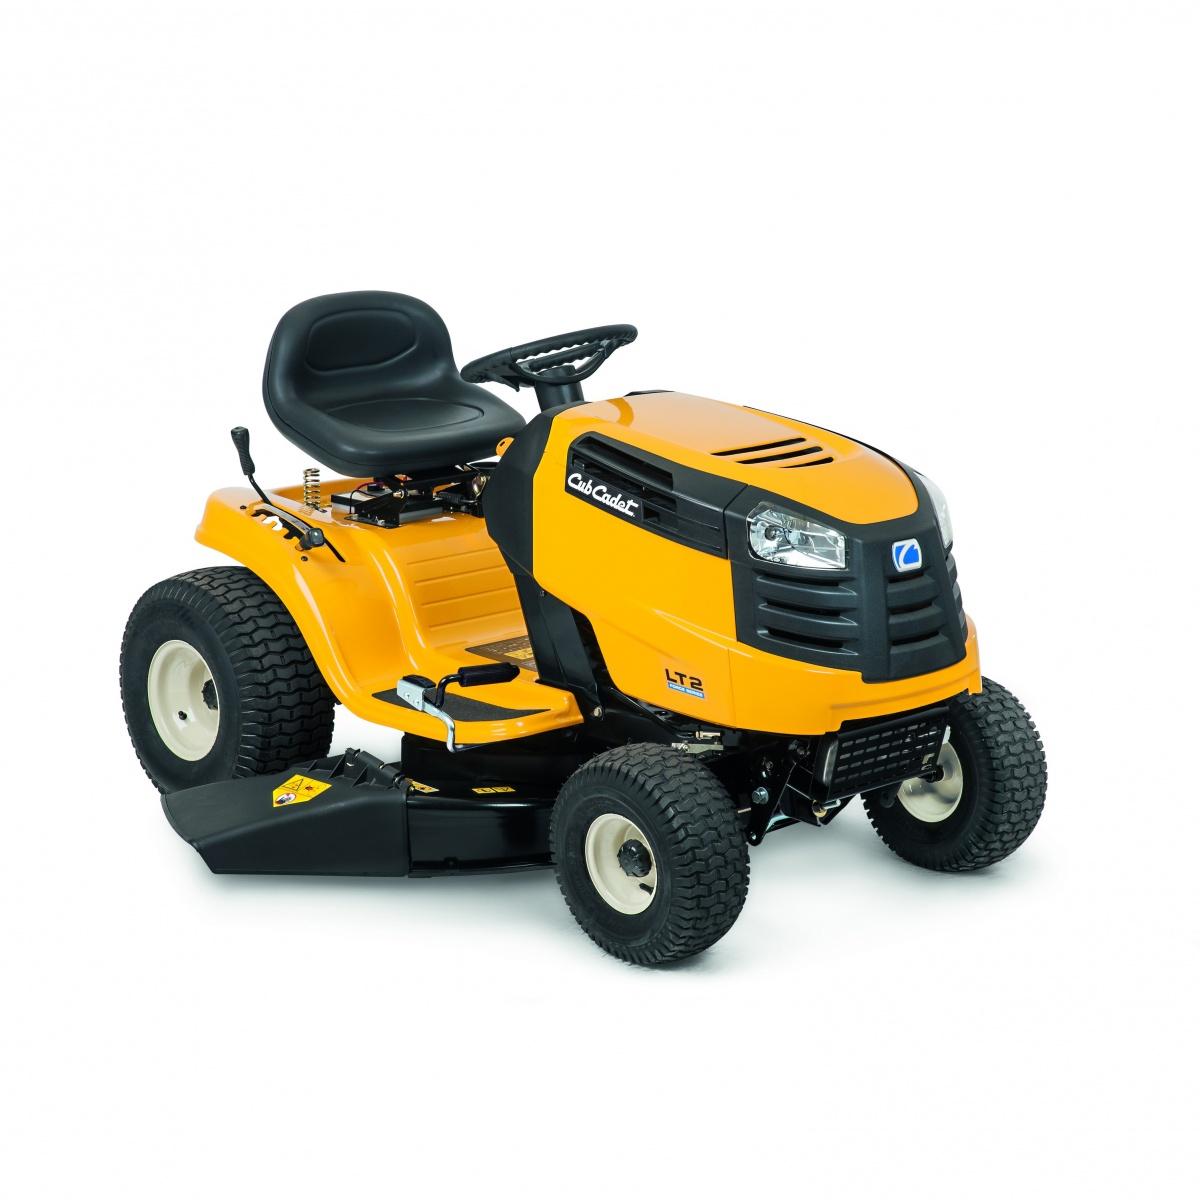 Cub-Cadet LT1 NS96 - travní traktor s bočním výhozem + DÁREK